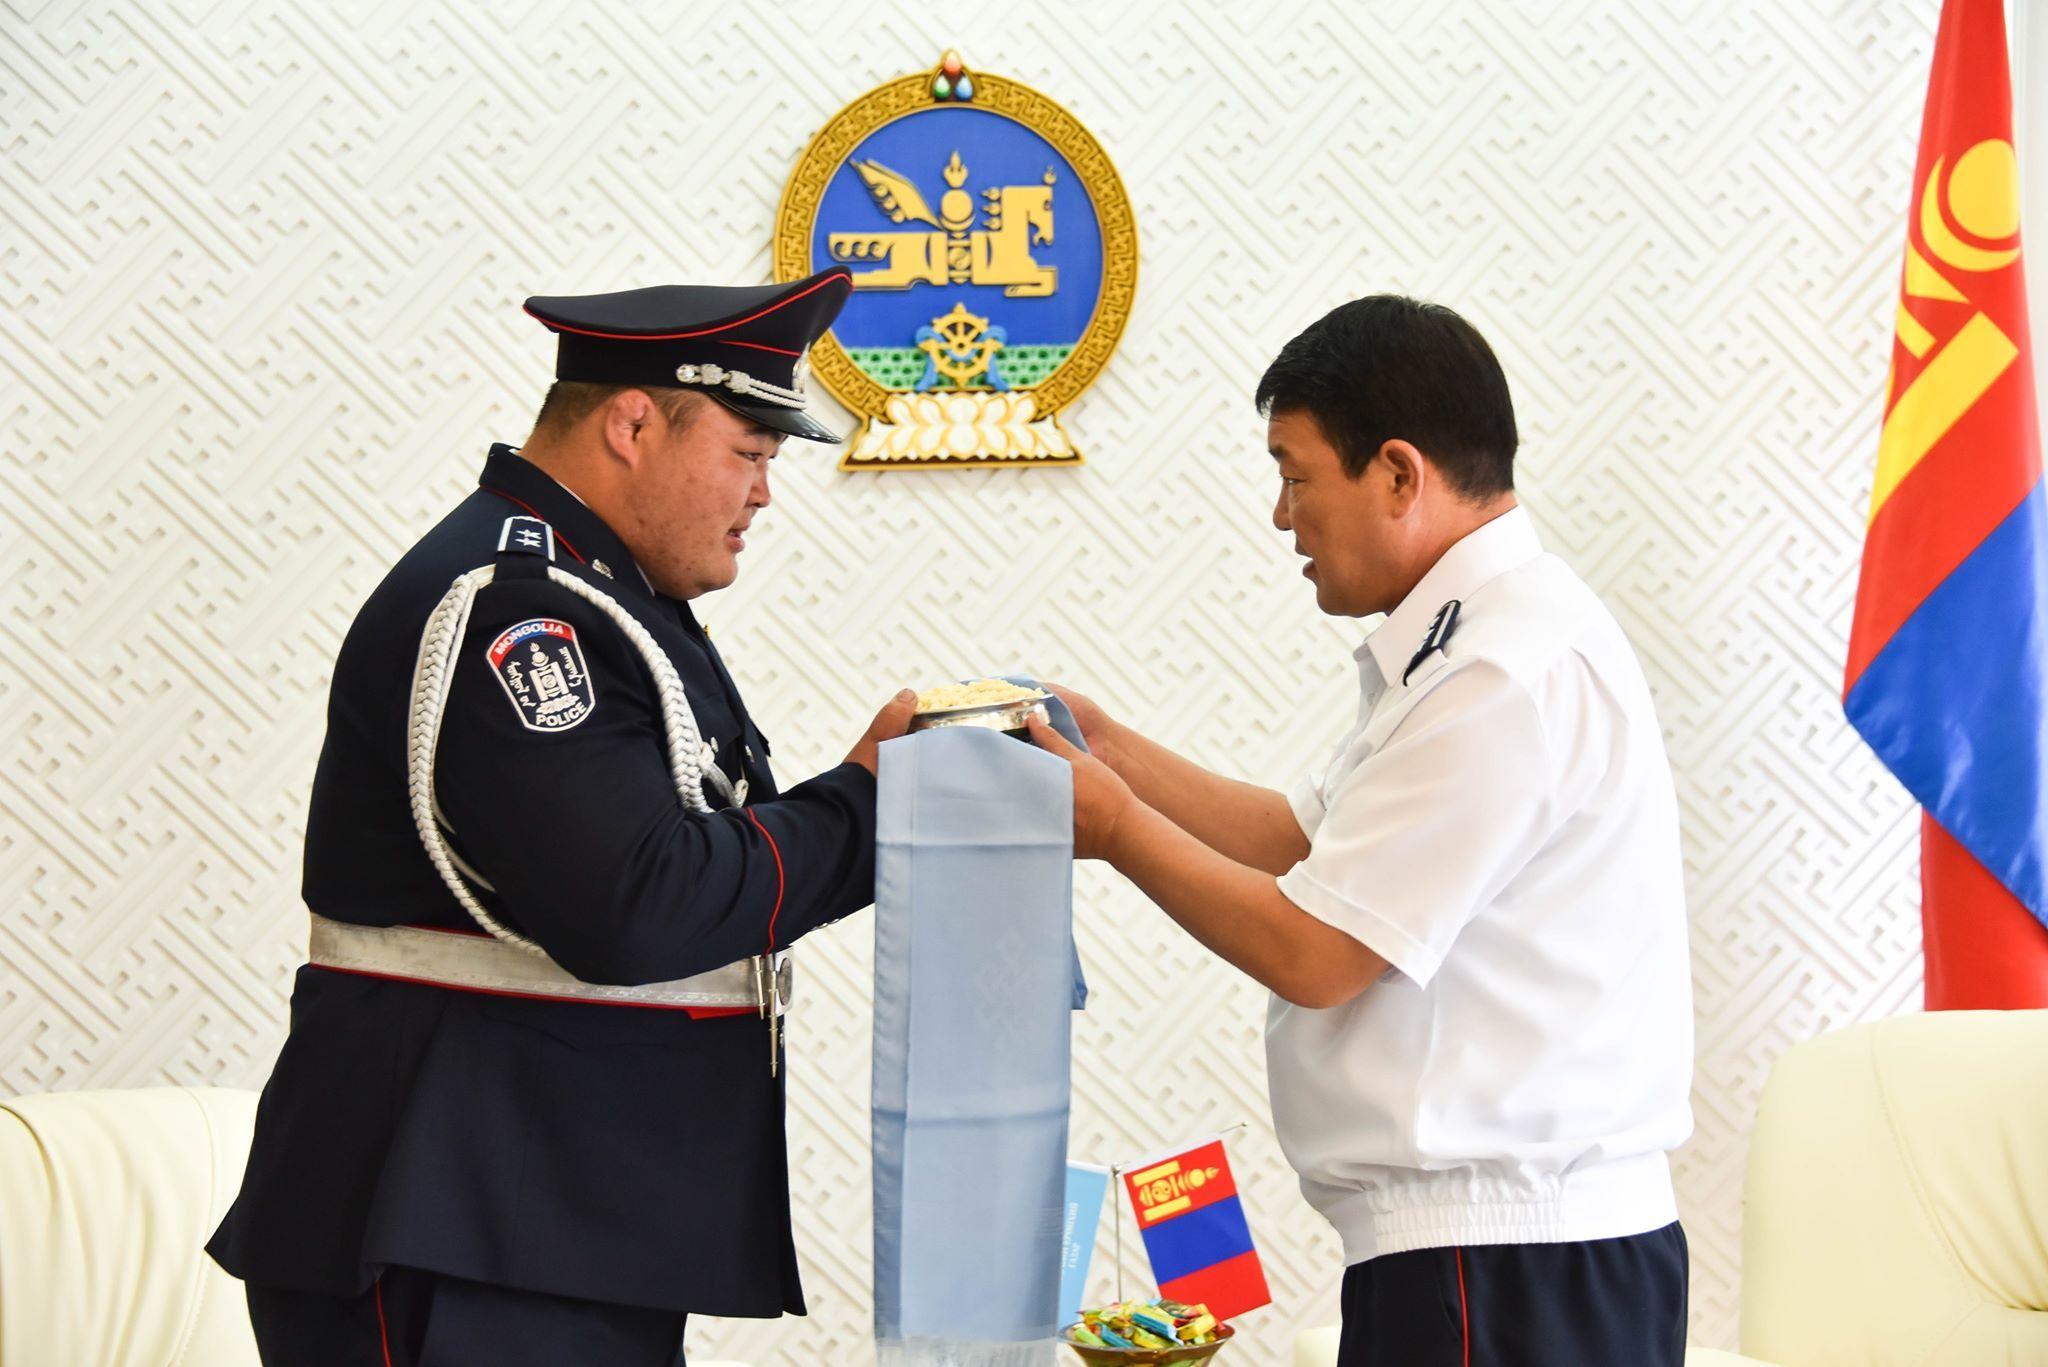 67282382_377099076282569_8486158415373008896_n Монгол улсын аварга, цагдаагийн дэд хурандаа Э.Оюунболдод ЦЕГ-ын удирдлагууд хүндэтгэл үзүүллээ